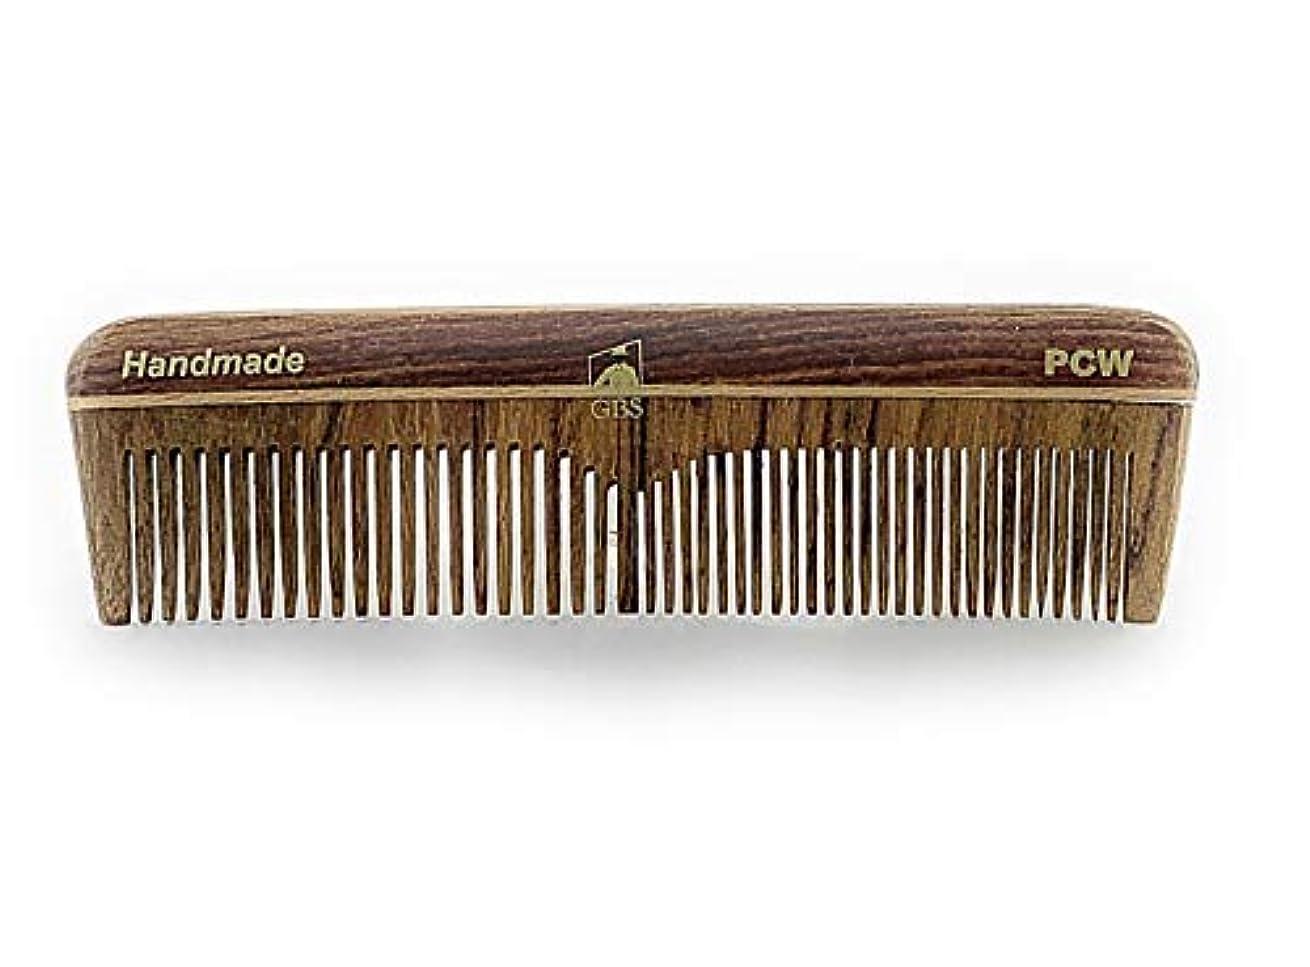 優しさウェイトレス腹GBS Natural Wood Handmade Pocket Beard and Hair Comb - Comb 5